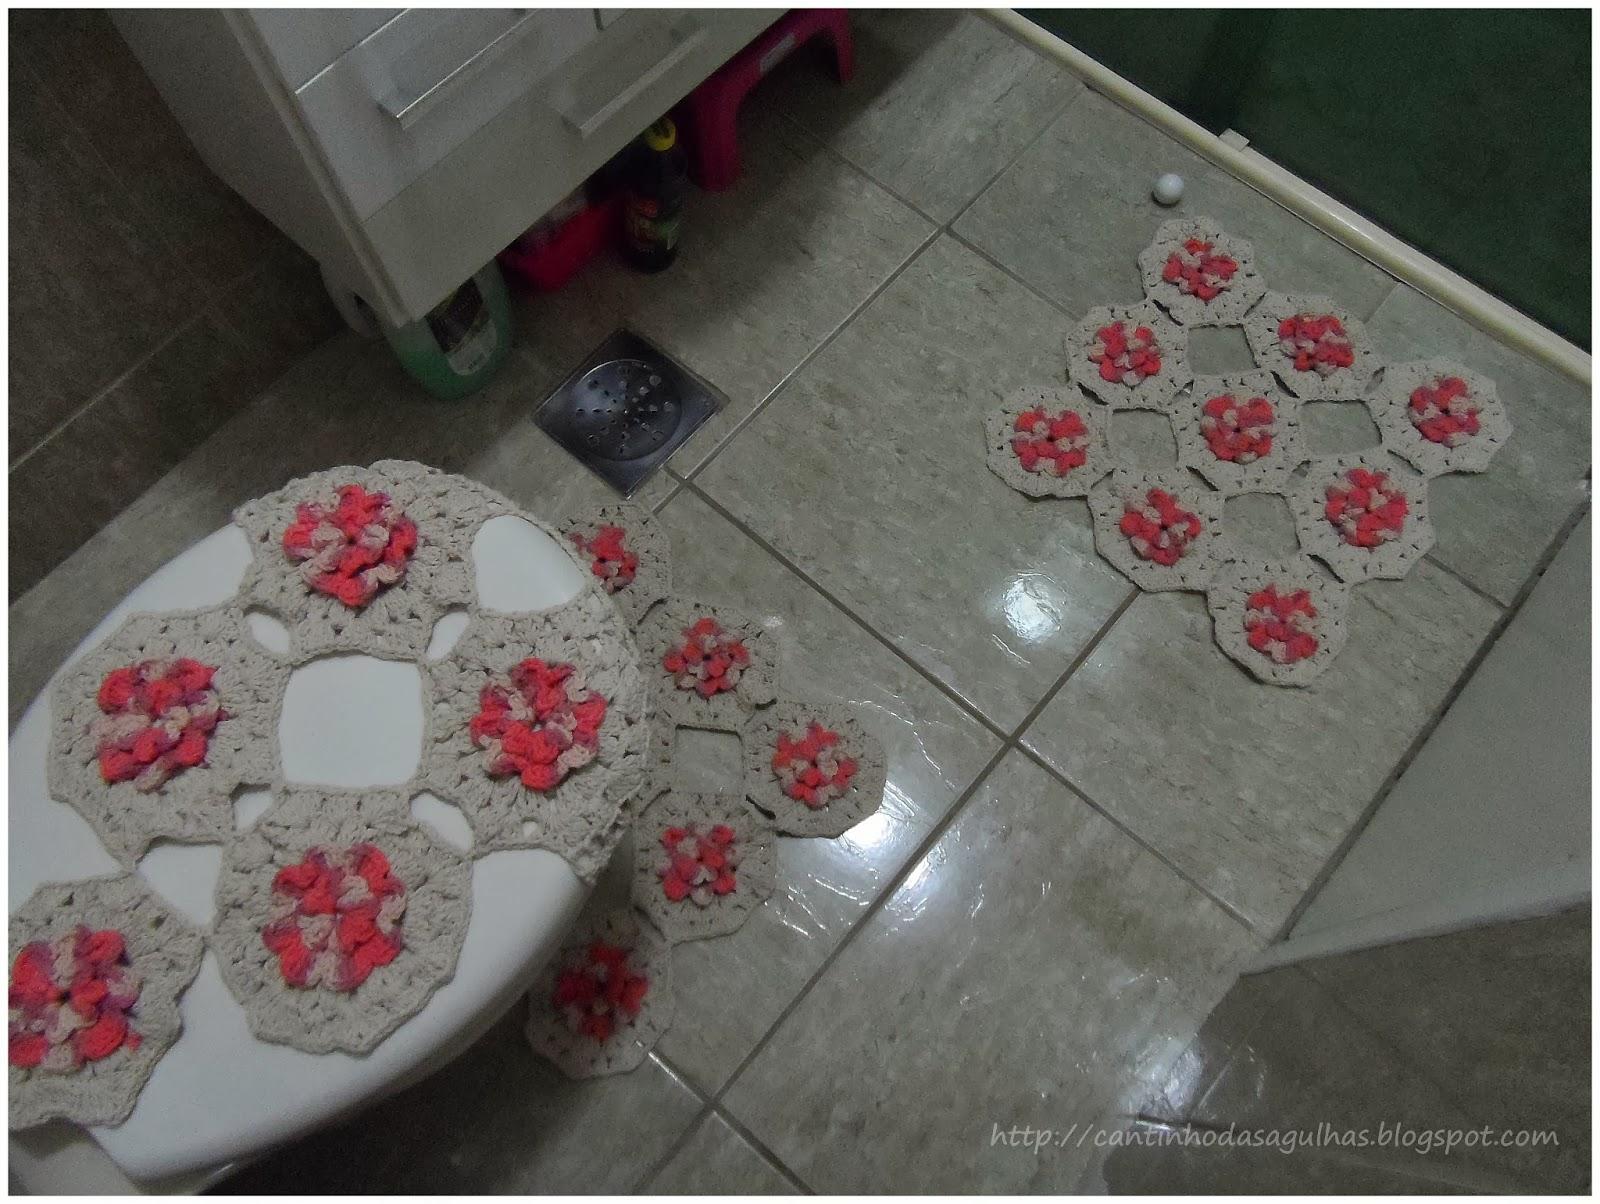 Jogo De Banheiro Completo : Cantinho das agulhas jogo de banheiro completo